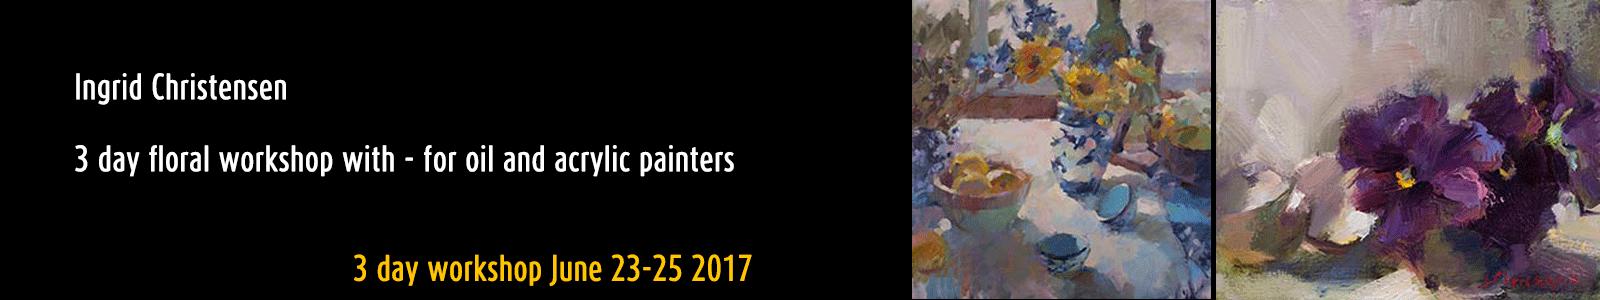 workshops-2017-05